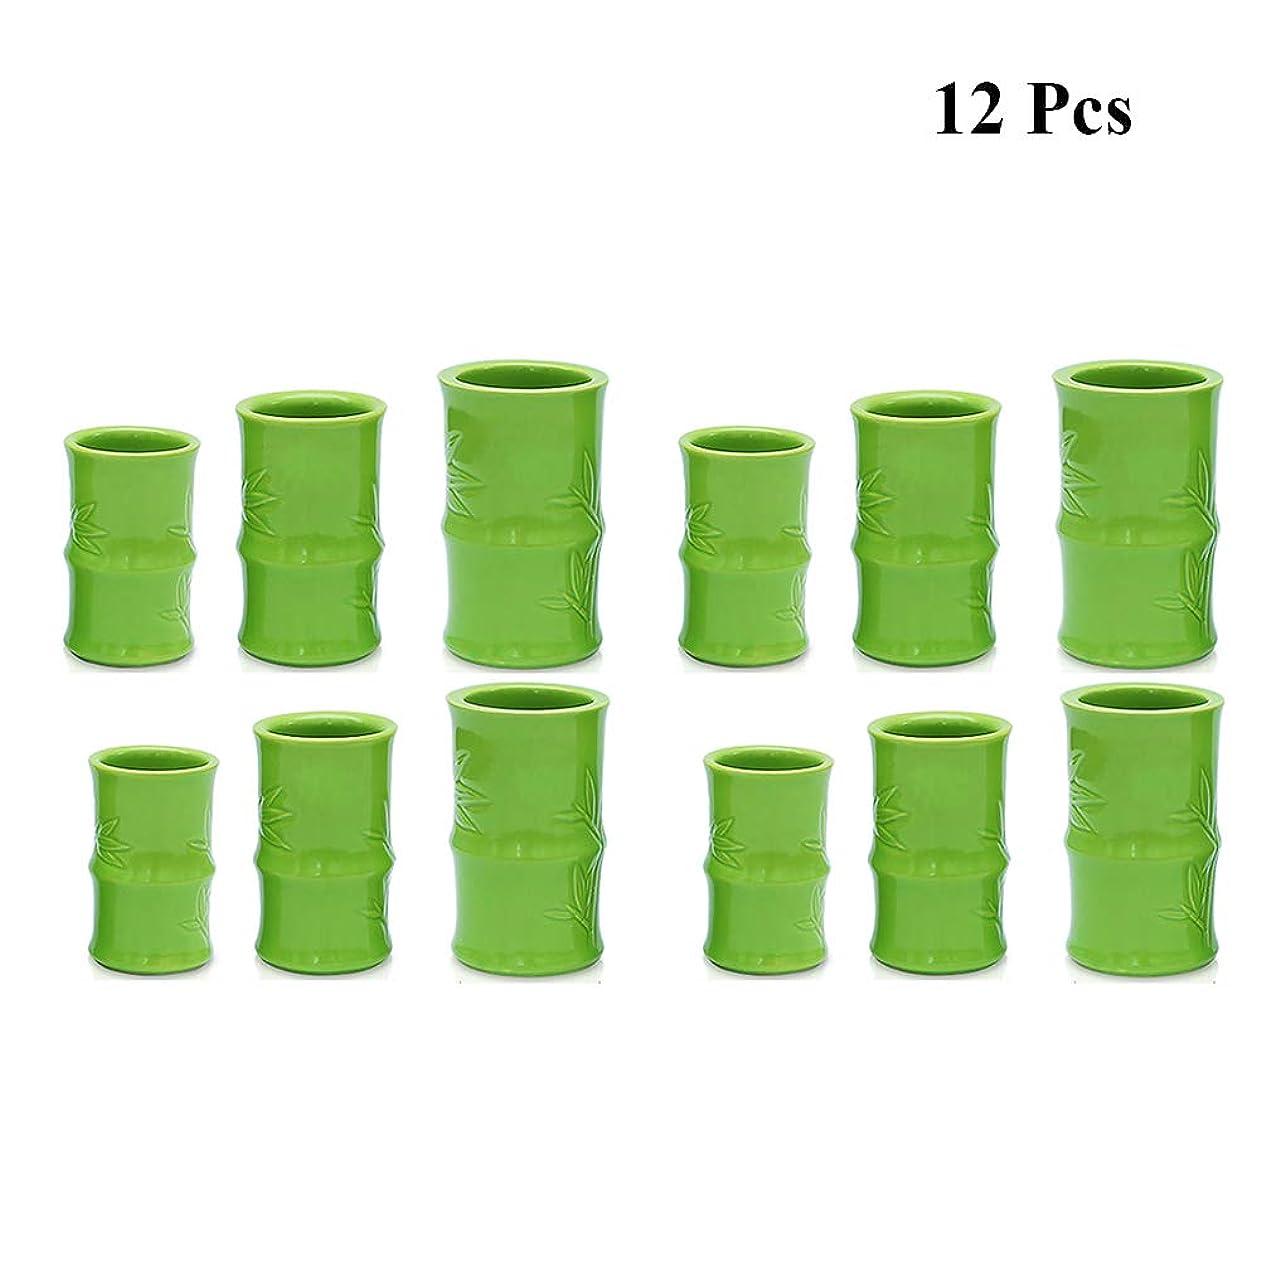 忌み嫌う抵当立証する真空カッピングマッサージ療法セット - 陶磁器の鍋缶 - 鍼ボディセラピーセット,D12pcs